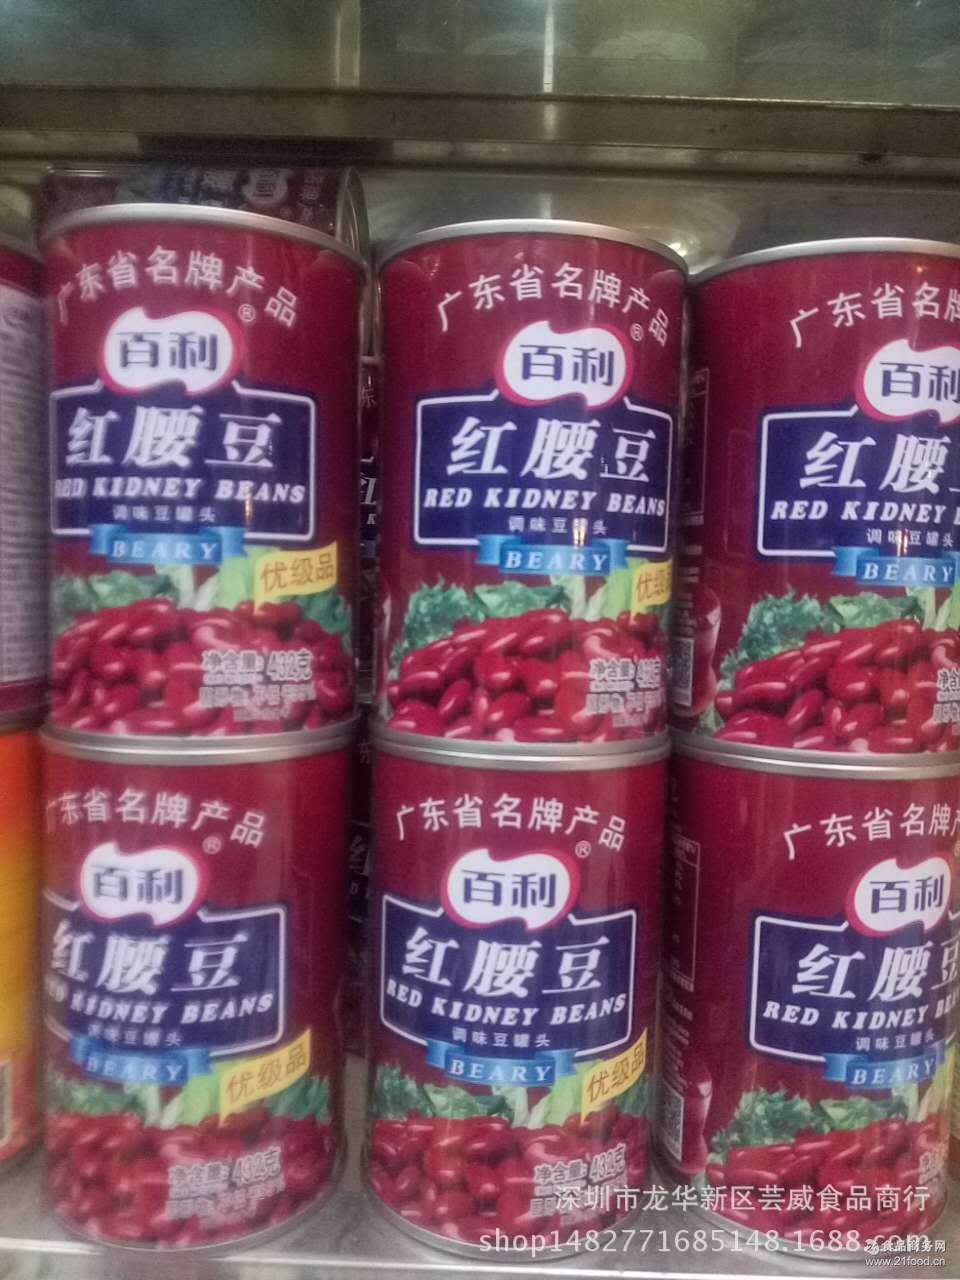 广东畅销品牌 即食原粒红豆沙冰 百利红腰豆 刨冰拌沙拉